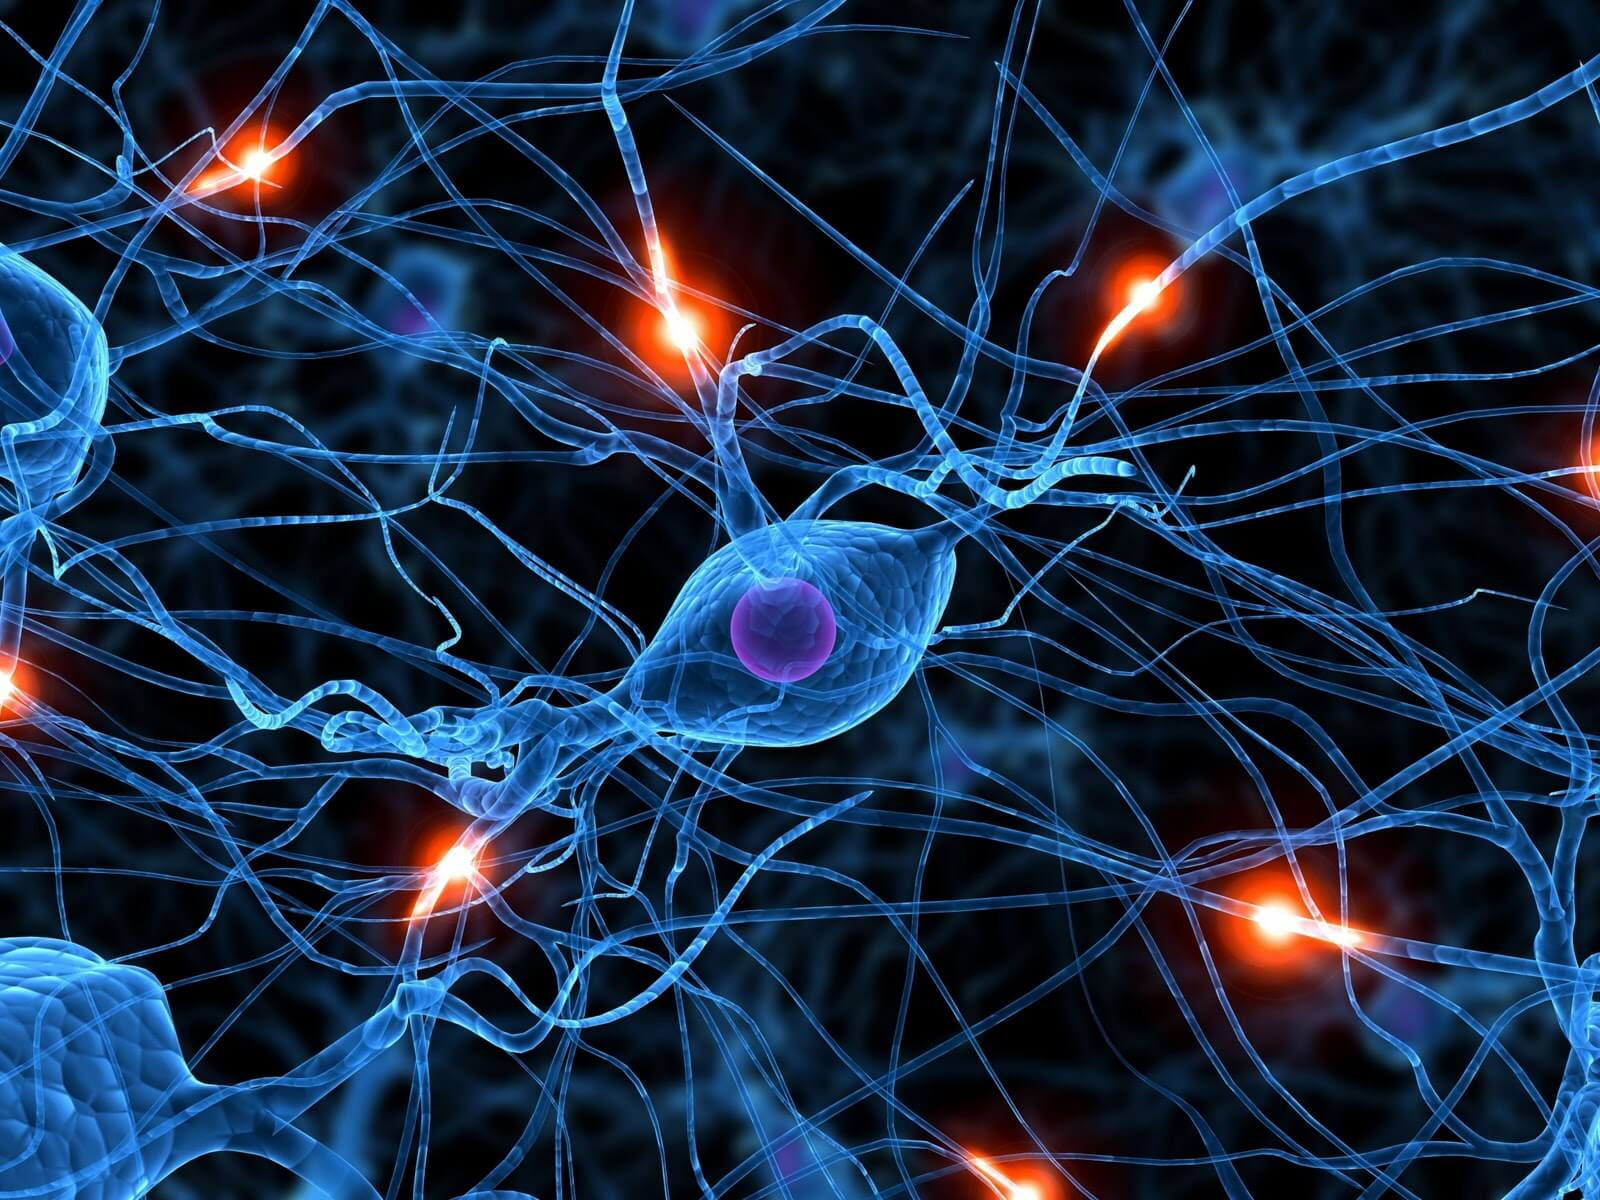 Suaugusiųjų atminties ir smegenų funkcijos gerinimo preparatai - Hipertenzija November